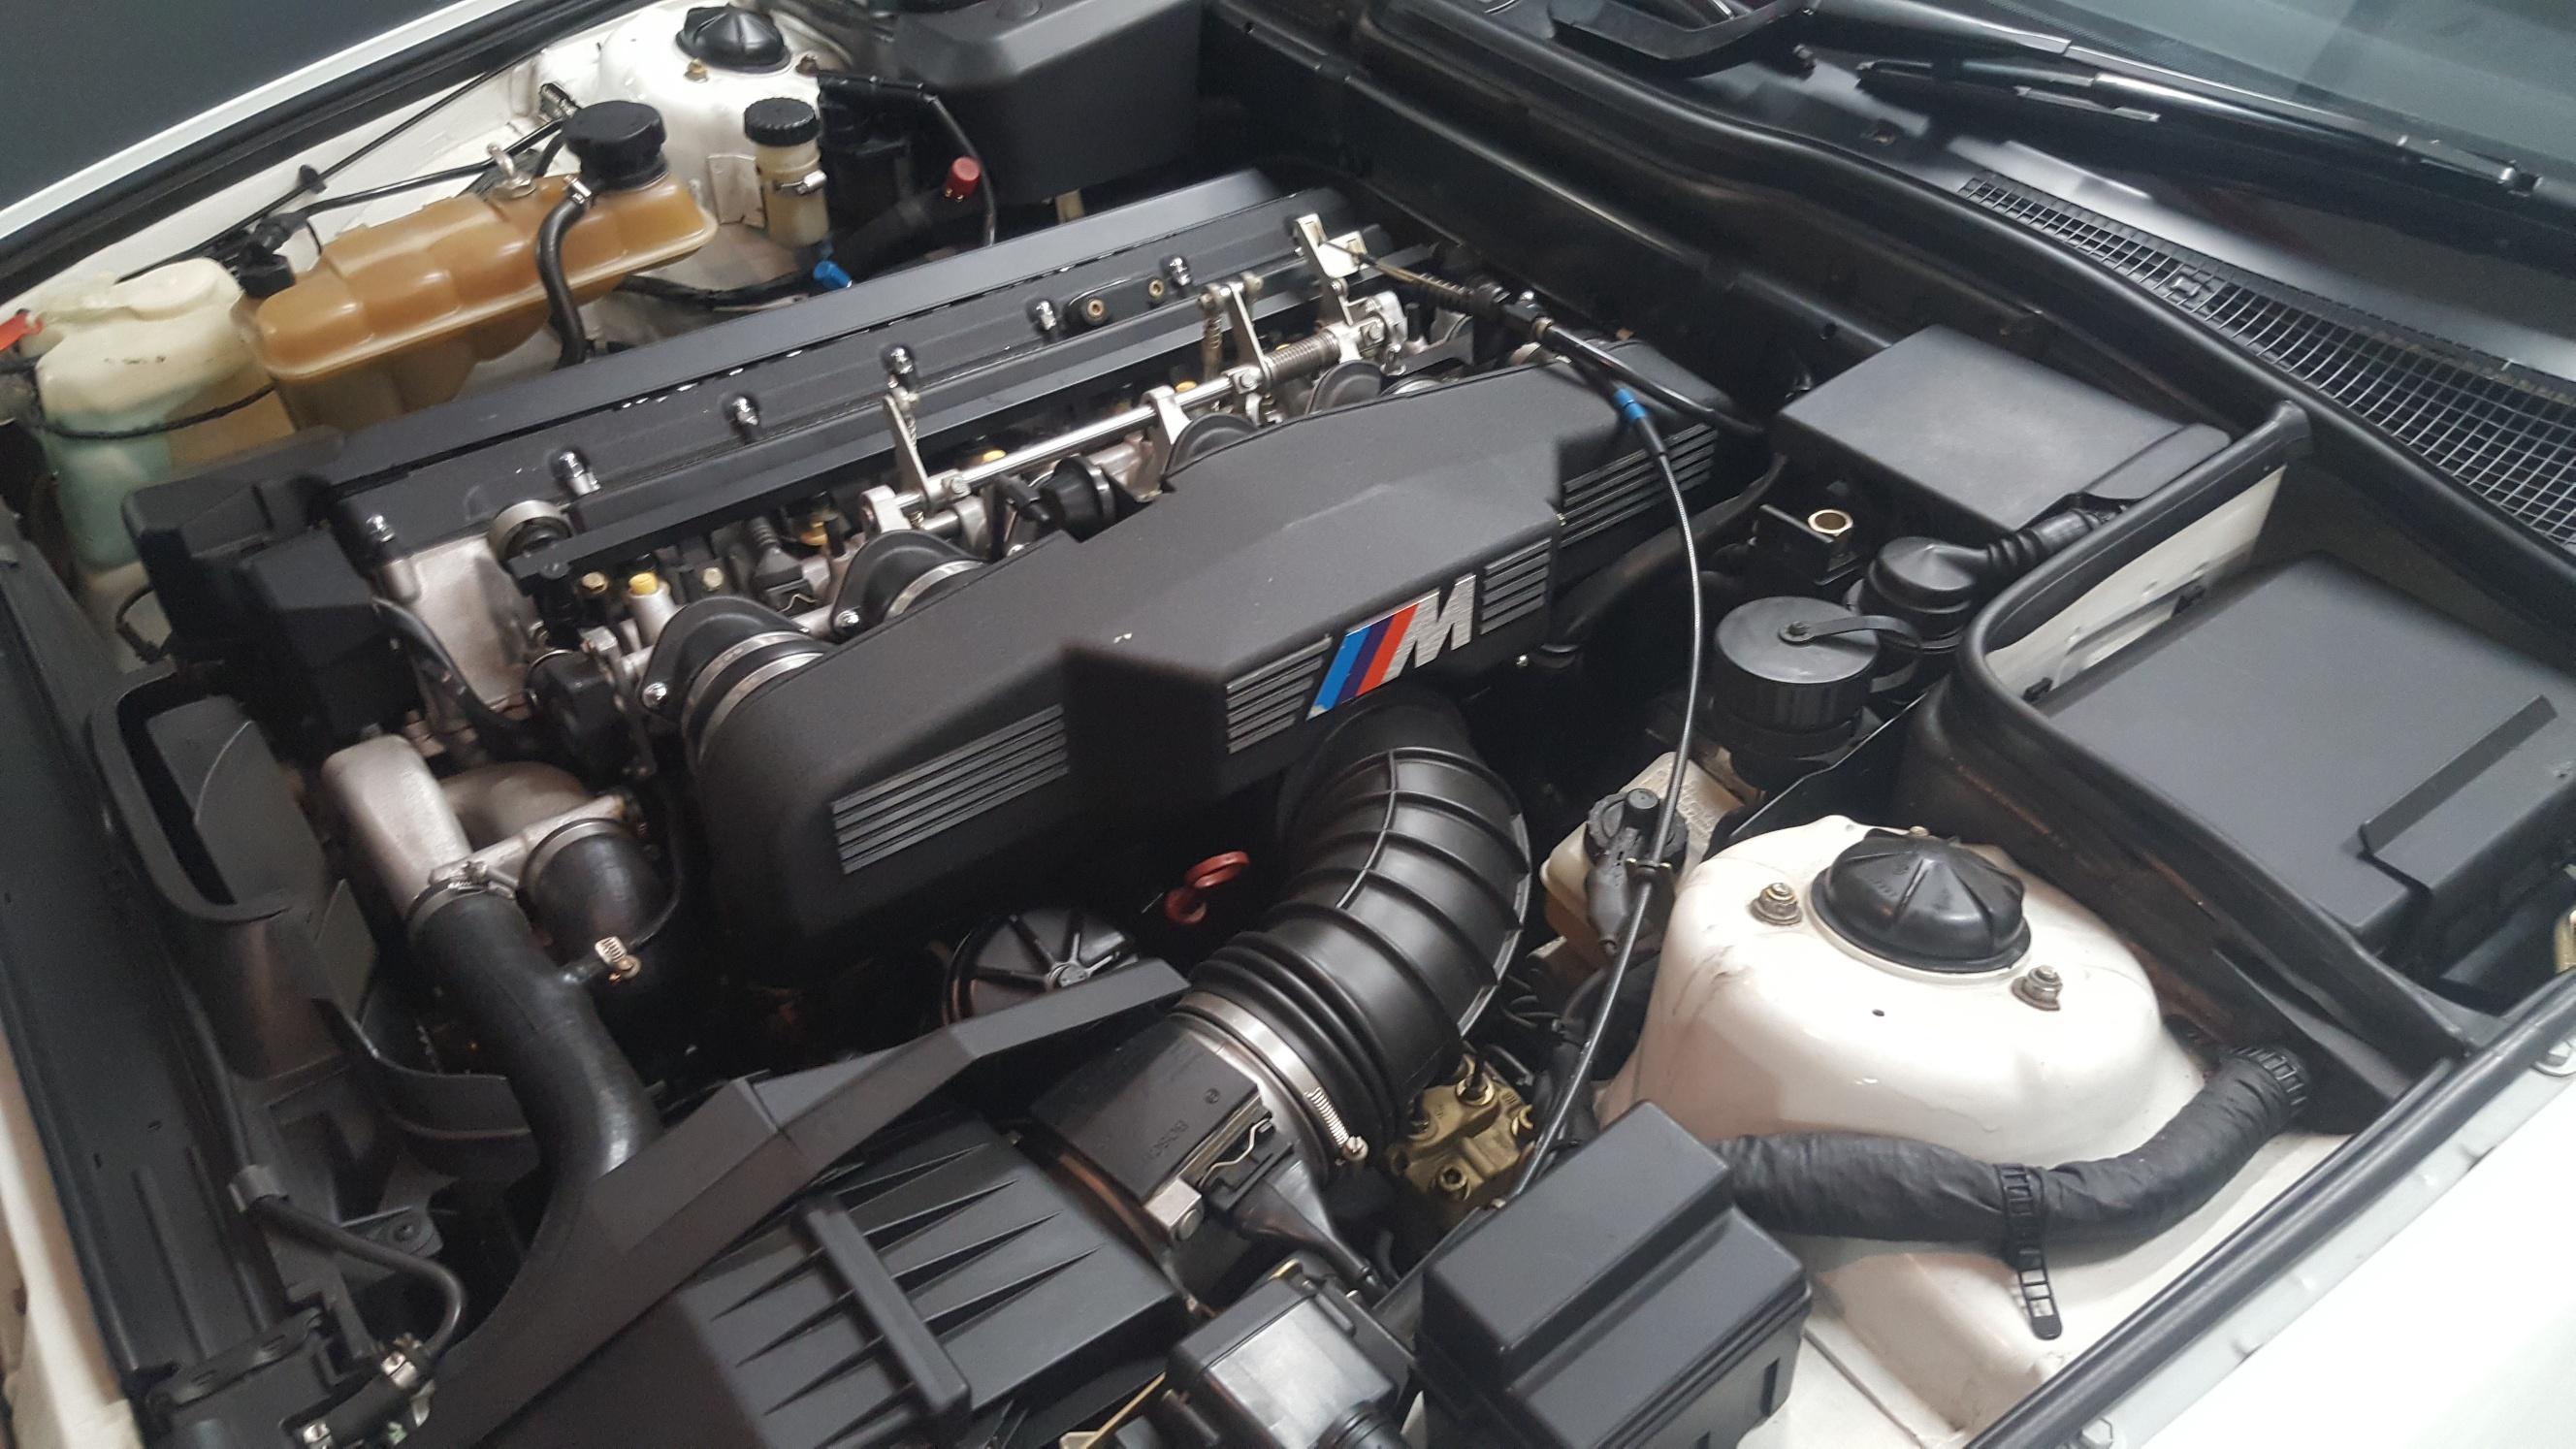 Bmw E34 M5 The Car Collector